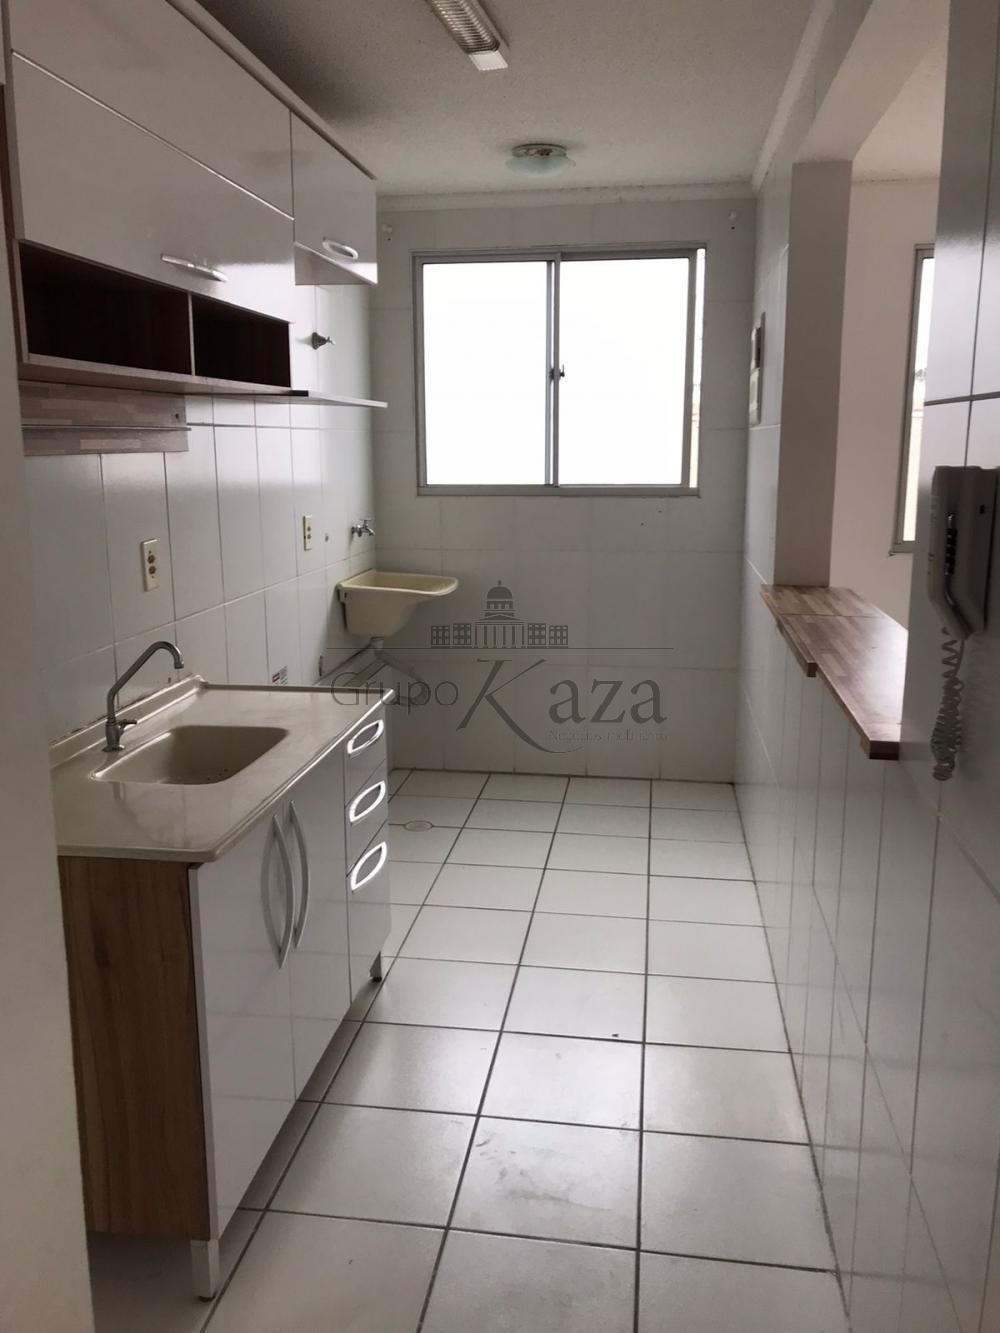 alt='Comprar Apartamento / Padrão em São José dos Campos R$ 171.000,00 - Foto 4' title='Comprar Apartamento / Padrão em São José dos Campos R$ 171.000,00 - Foto 4'